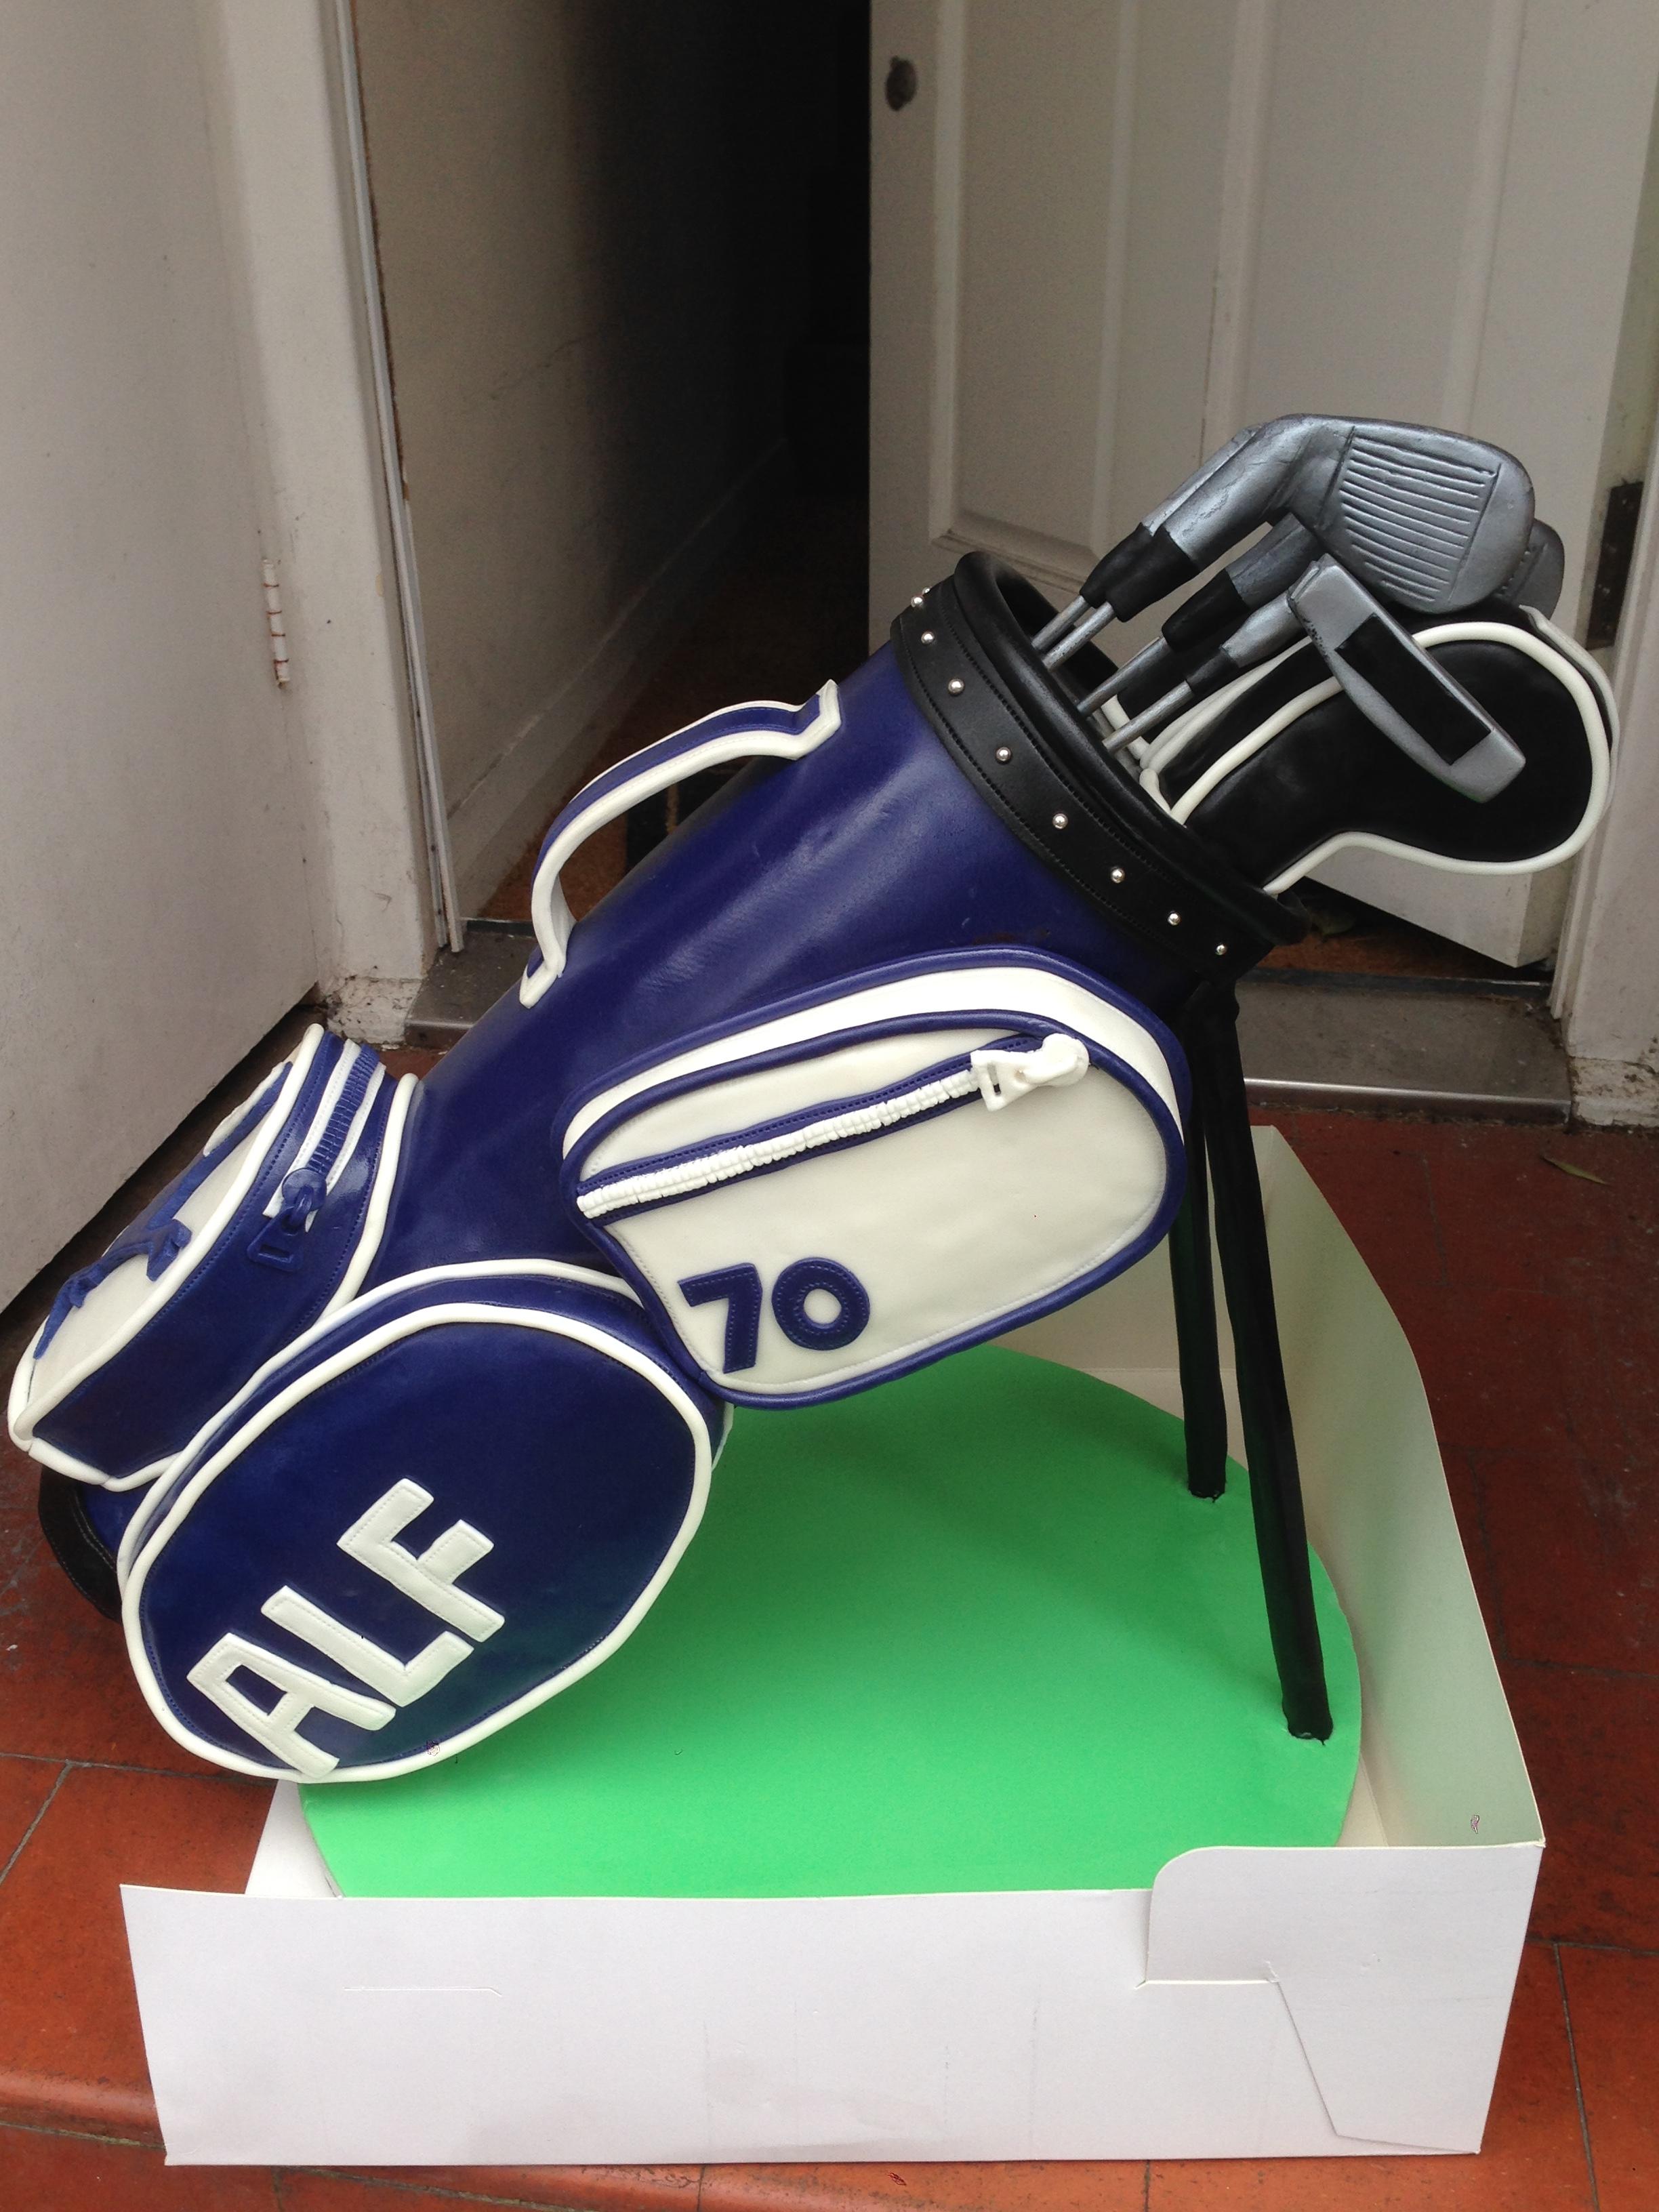 Golf Bag Cake - CakeCentral.com